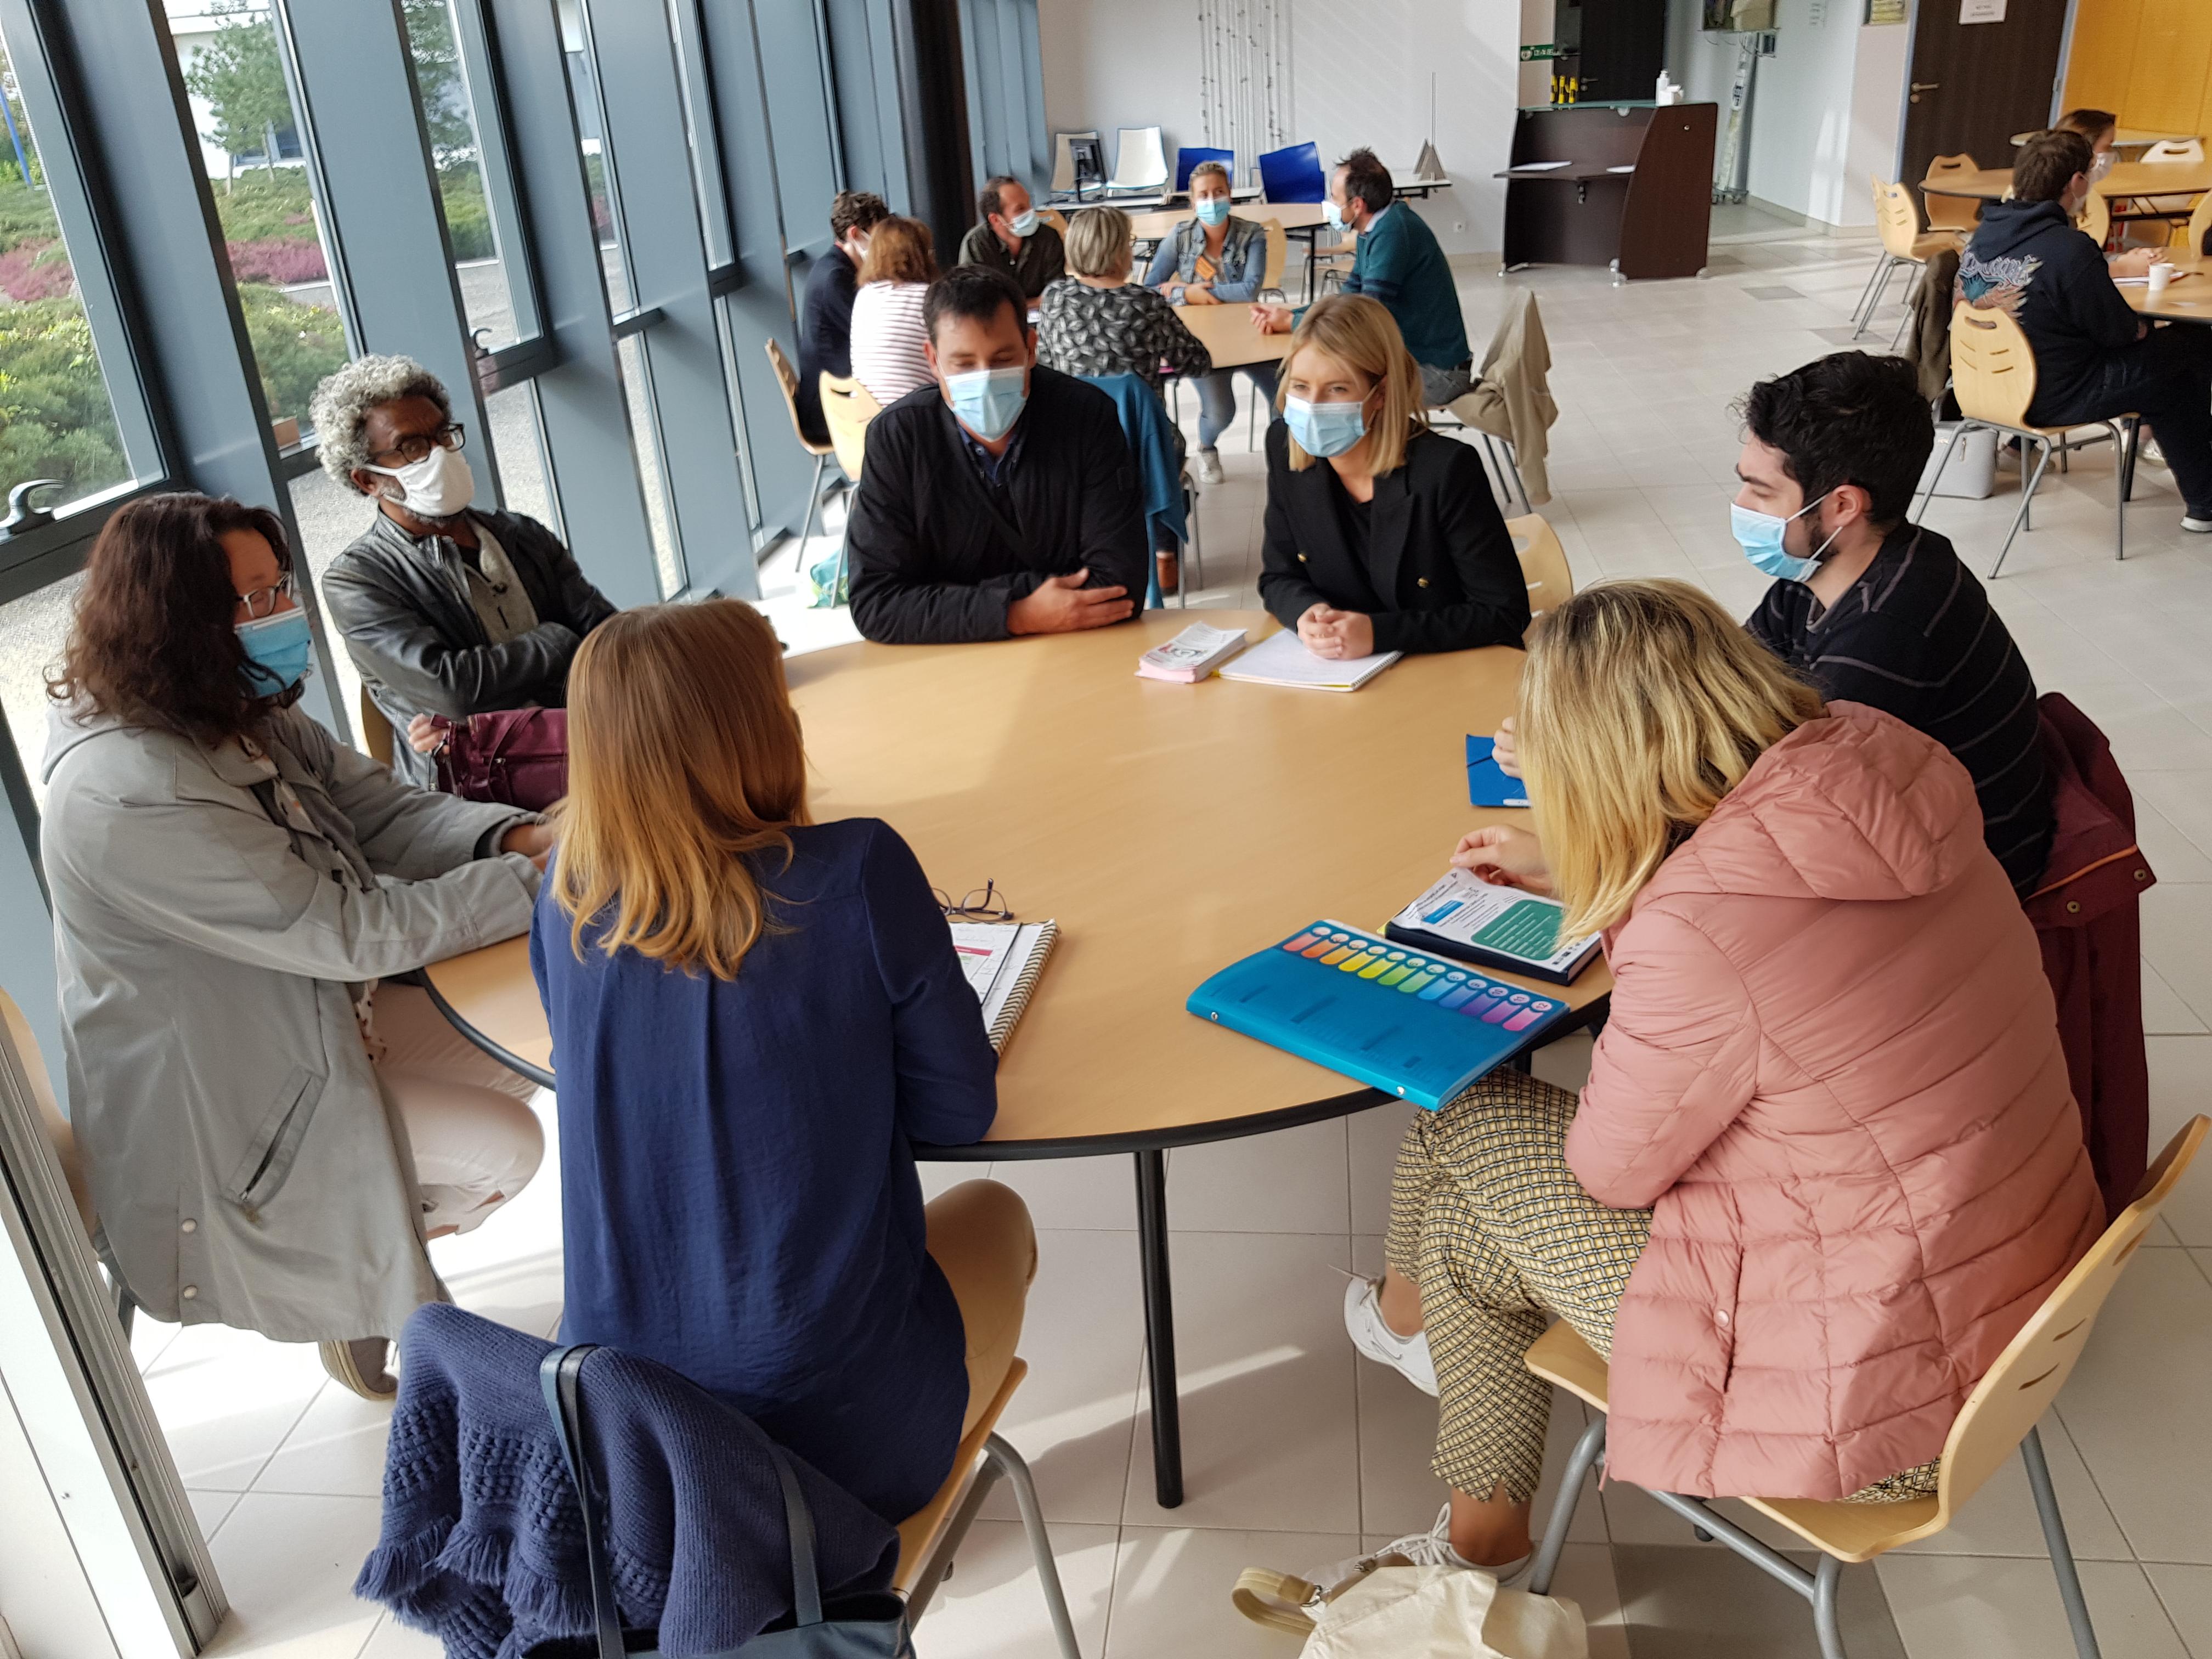 UN CAFE RENCONTRE entre DEMANDEURS D'EMPLOI et ENTREPRISES